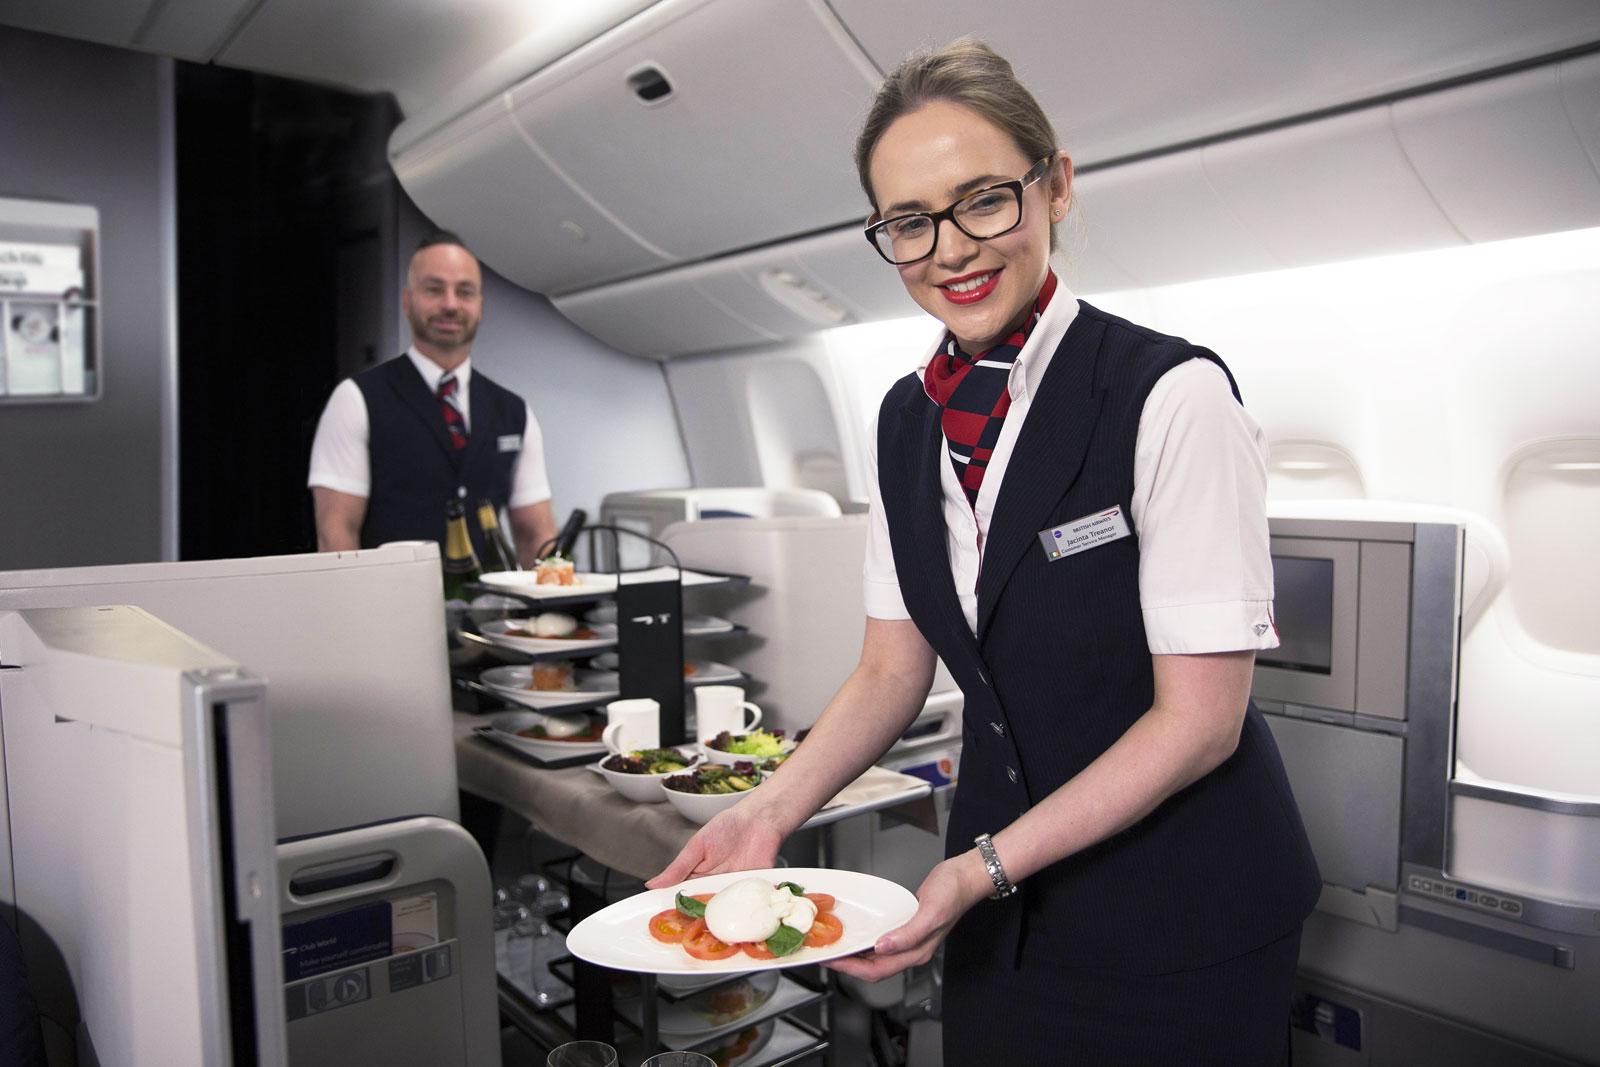 British Airways inflight Waiter Service